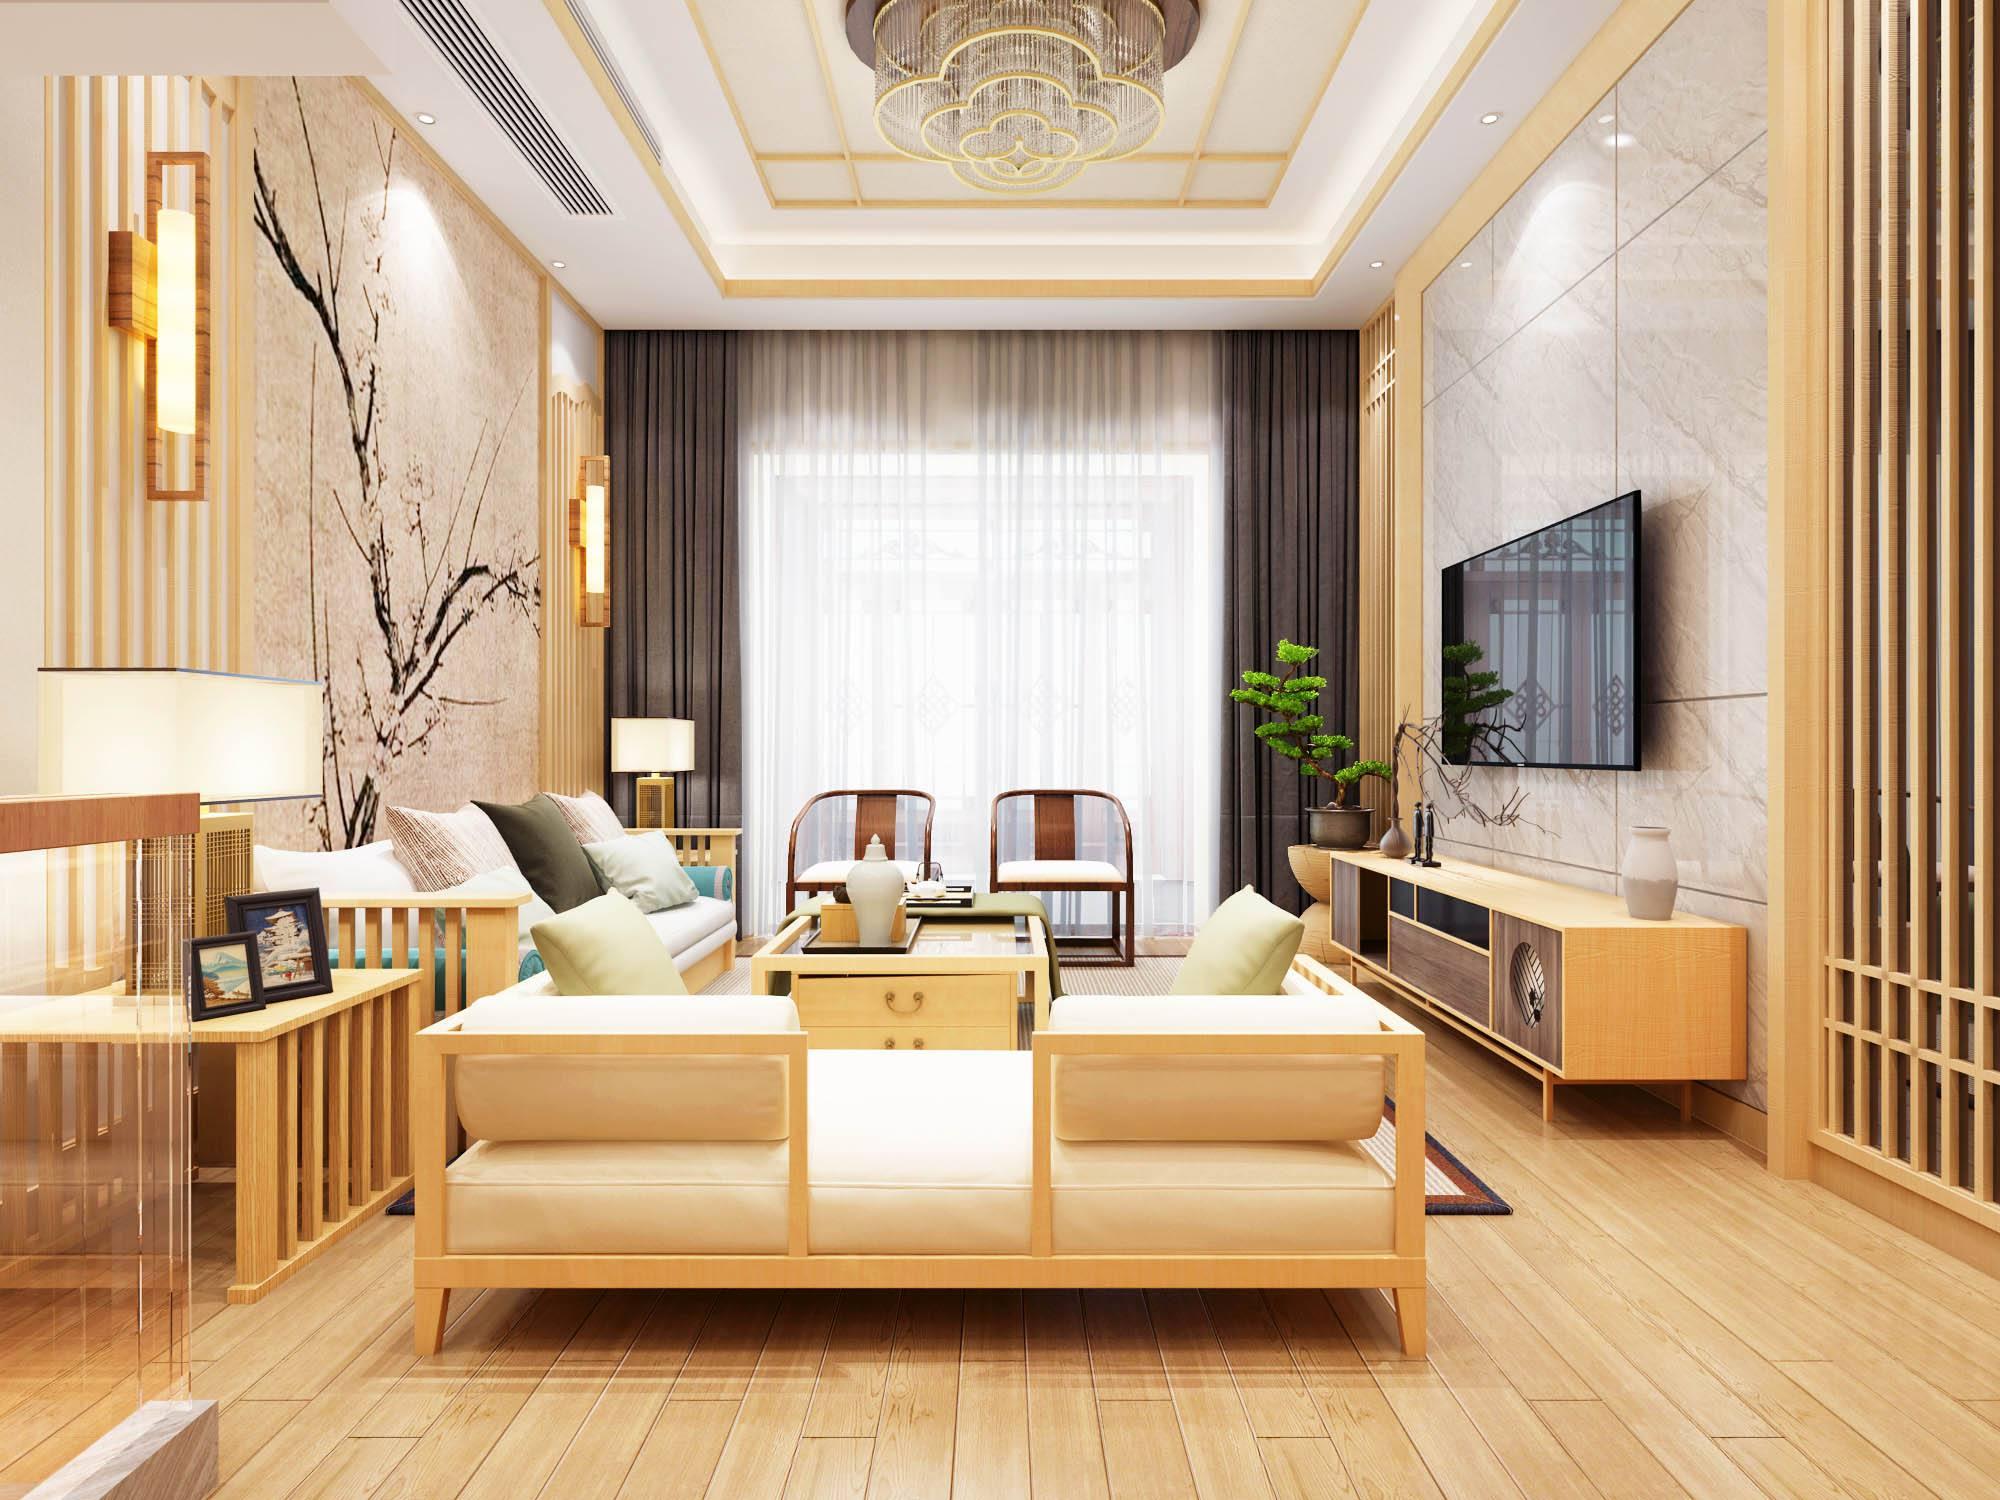 日式风格别墅有哪些特点